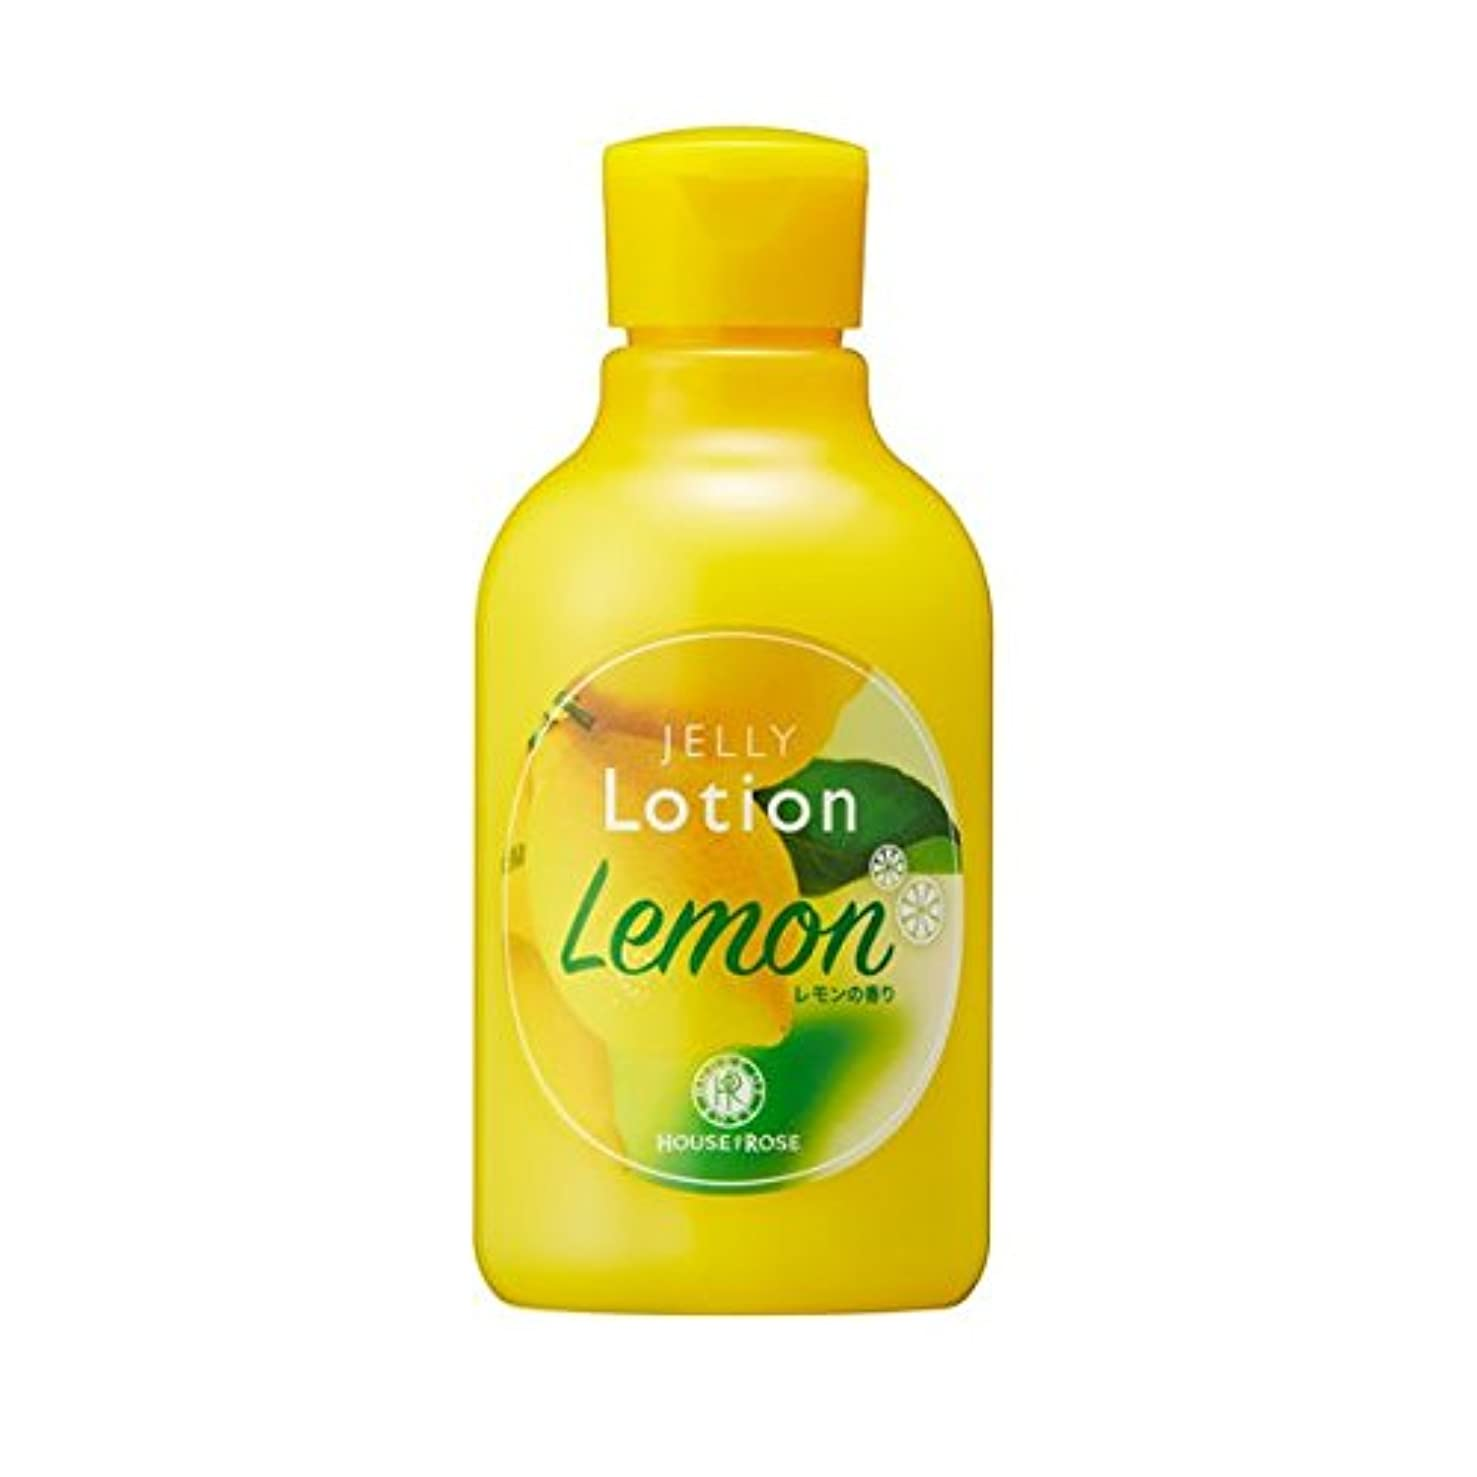 浴シンプルな同様のHOUSE OF ROSE(ハウスオブローゼ) ハウスオブローゼ/ジェリーローション LM(レモンの香り)200mL